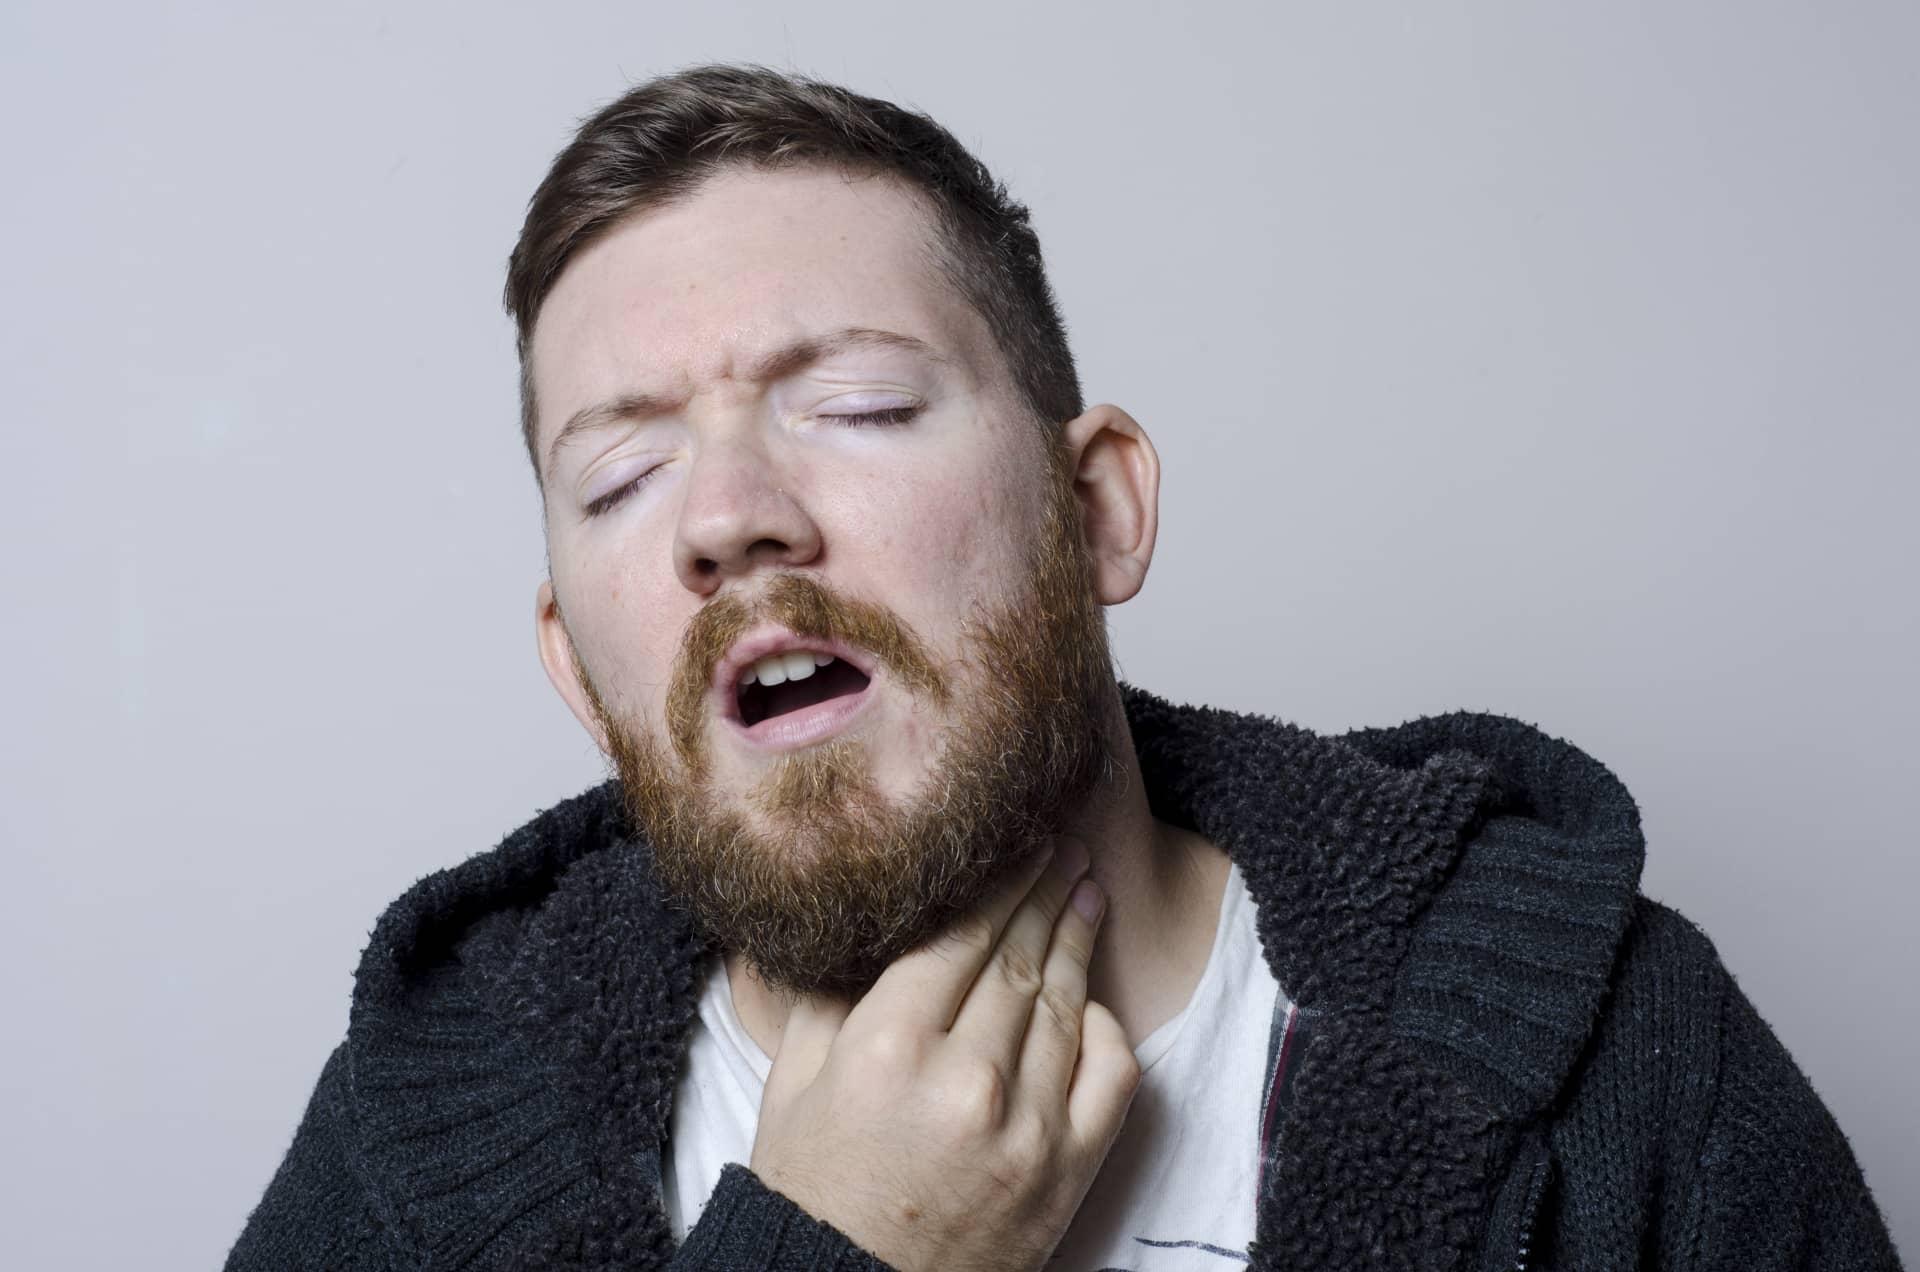 喉を気にする男性